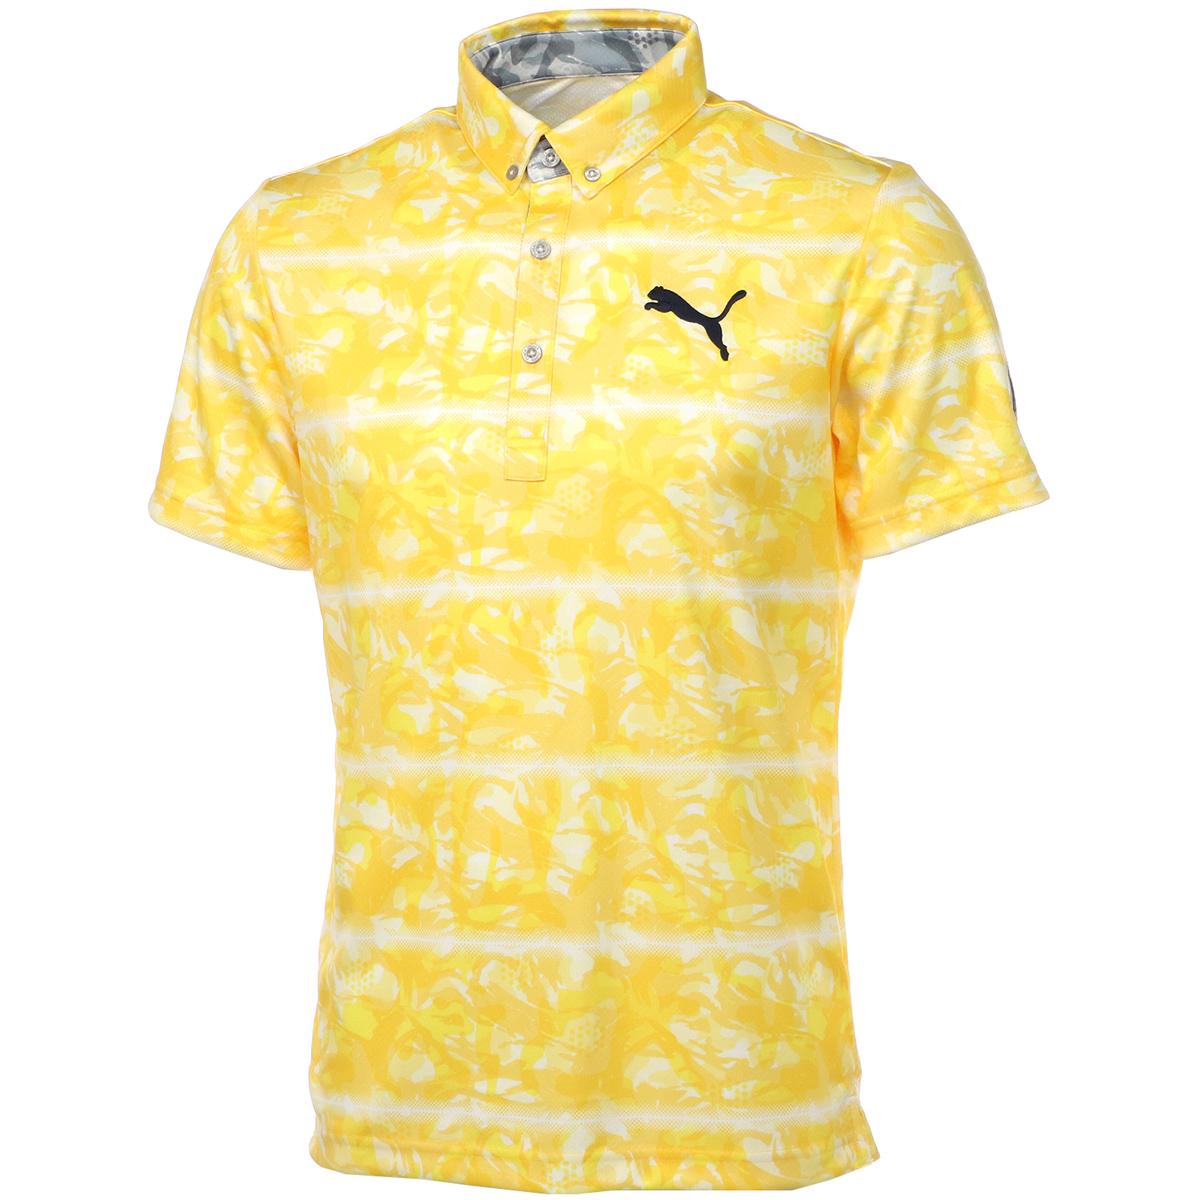 ウォーターストライプ半袖ポロシャツ